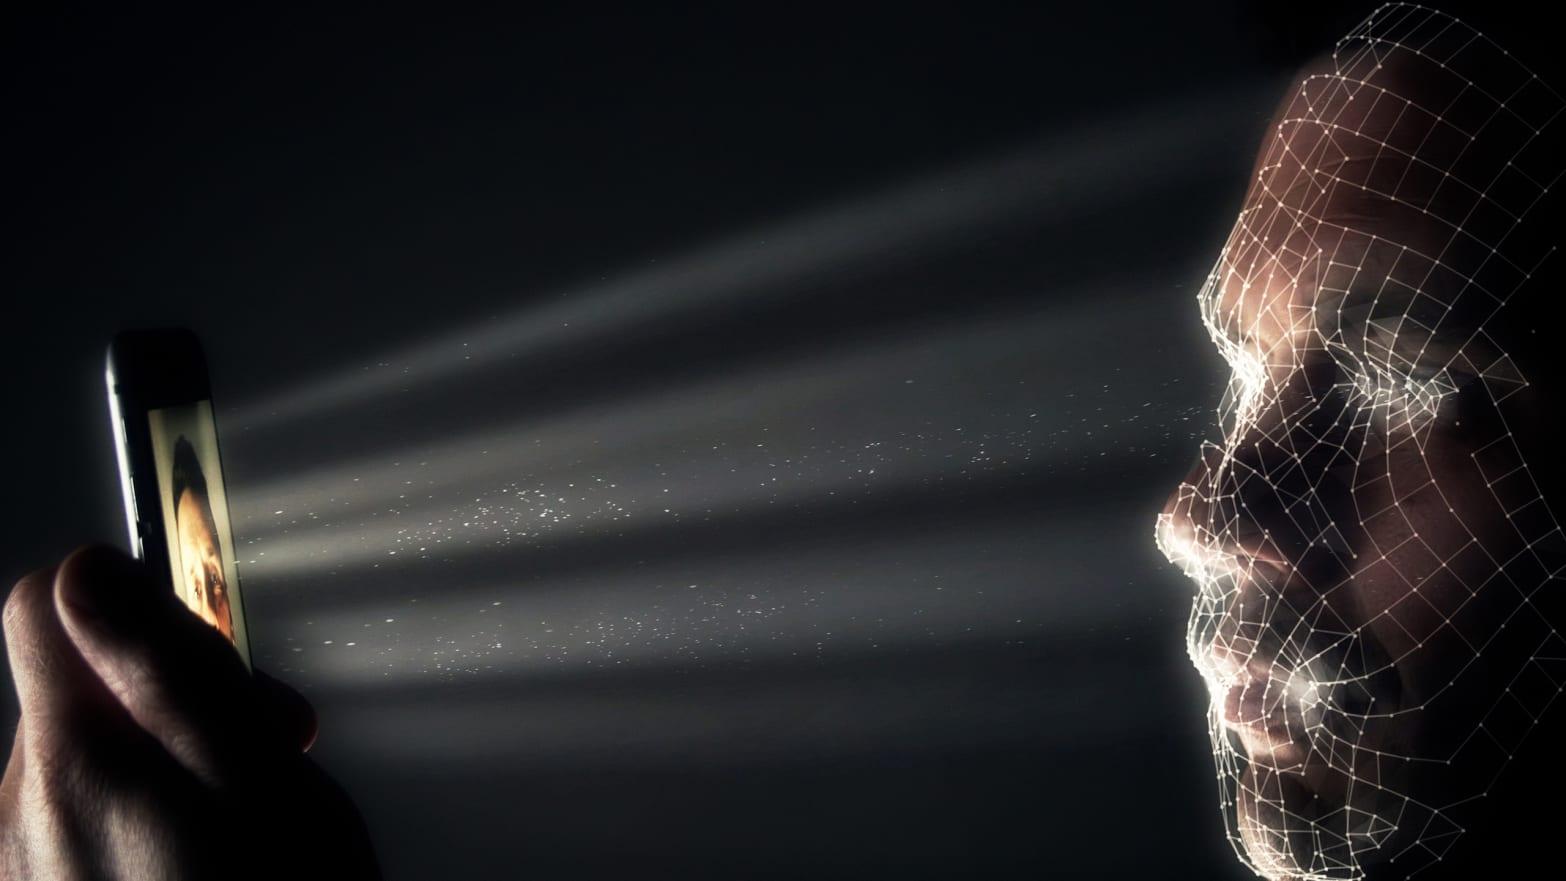 نسل بعدی فیس آیدی اپل از نقشه گرمایی چهره برای احراز هویت کاربر استفاده میکند